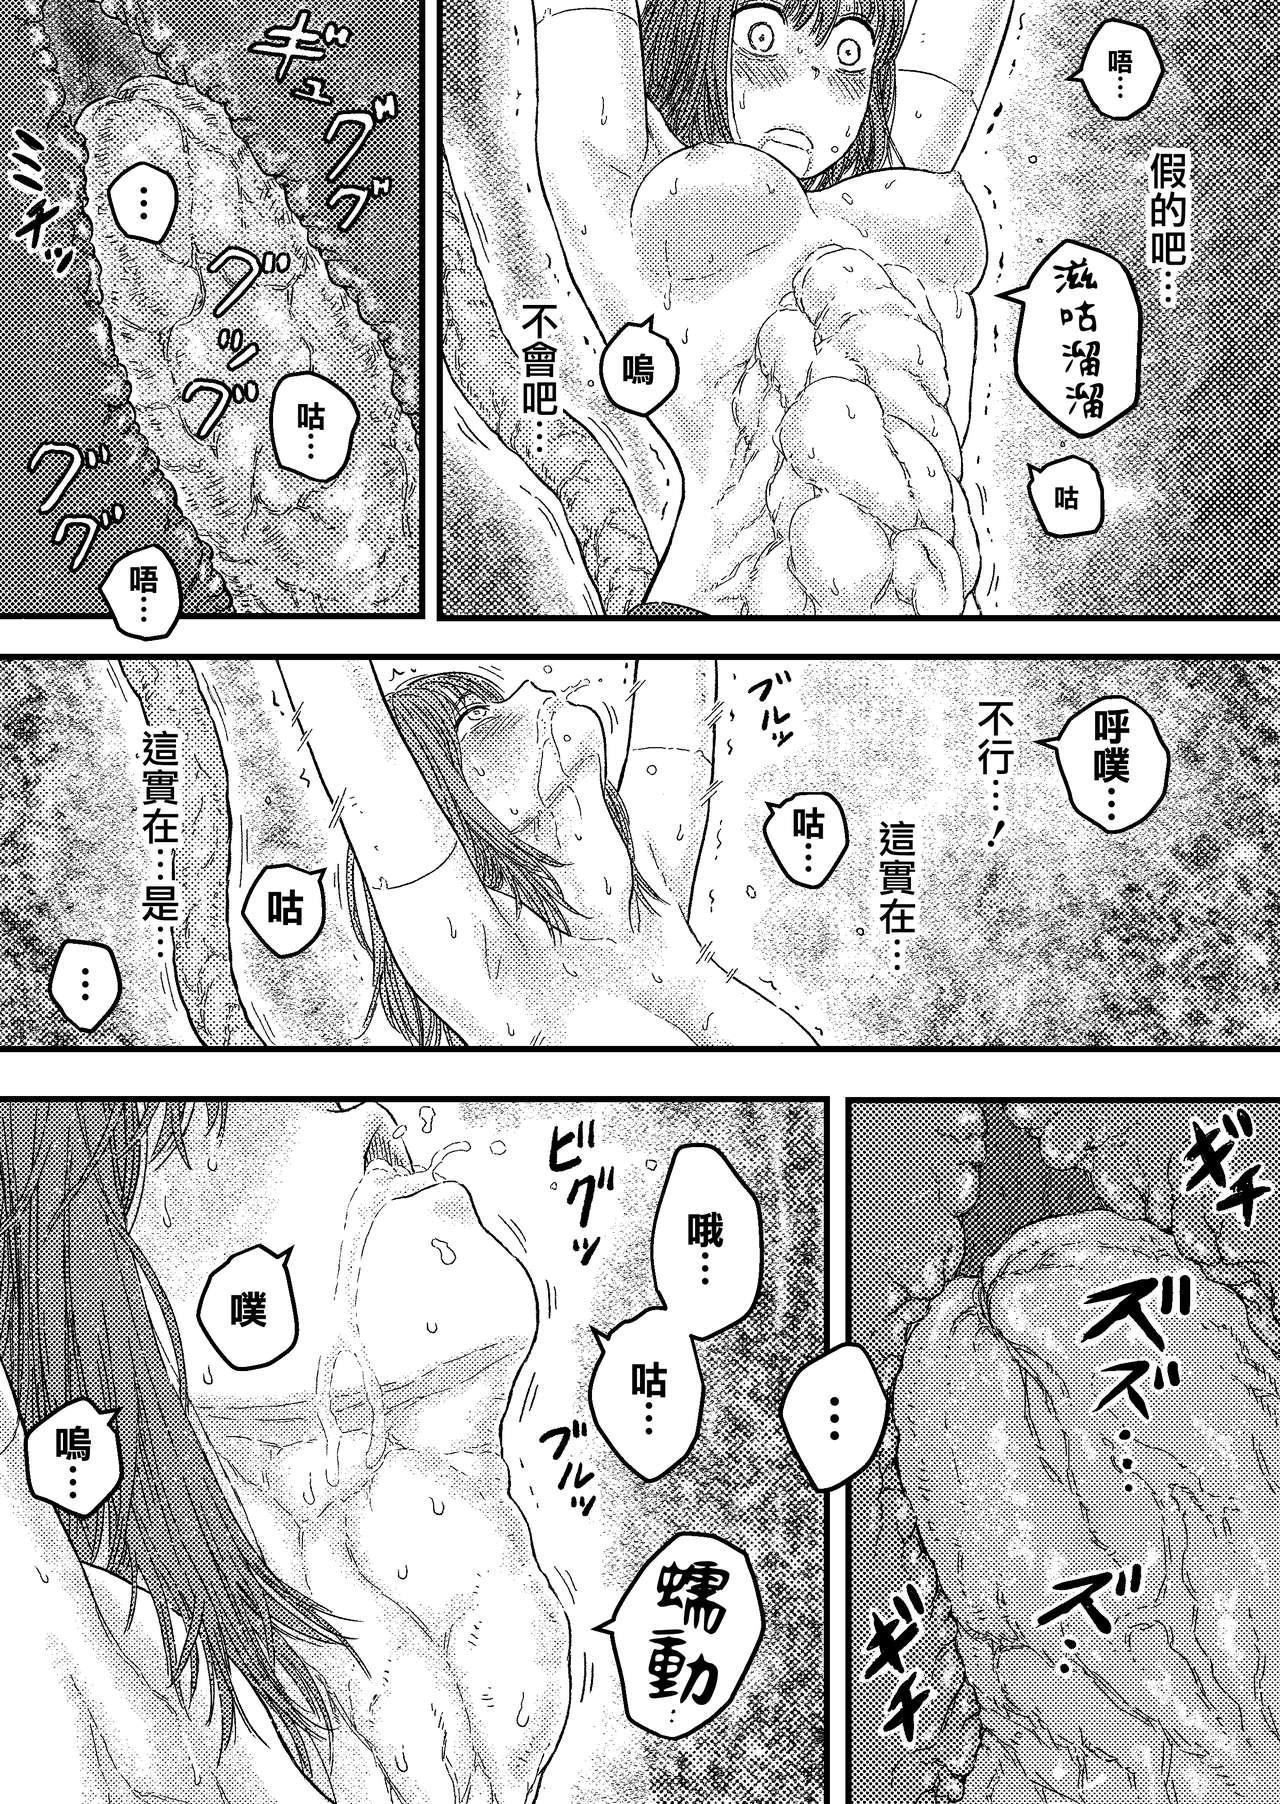 TENTACLE DAY 2BAD 【Saikyou Shokushu ni Yoru Saiaku no Seme ni Modae Kuruu Shoujo no Akumu】 21